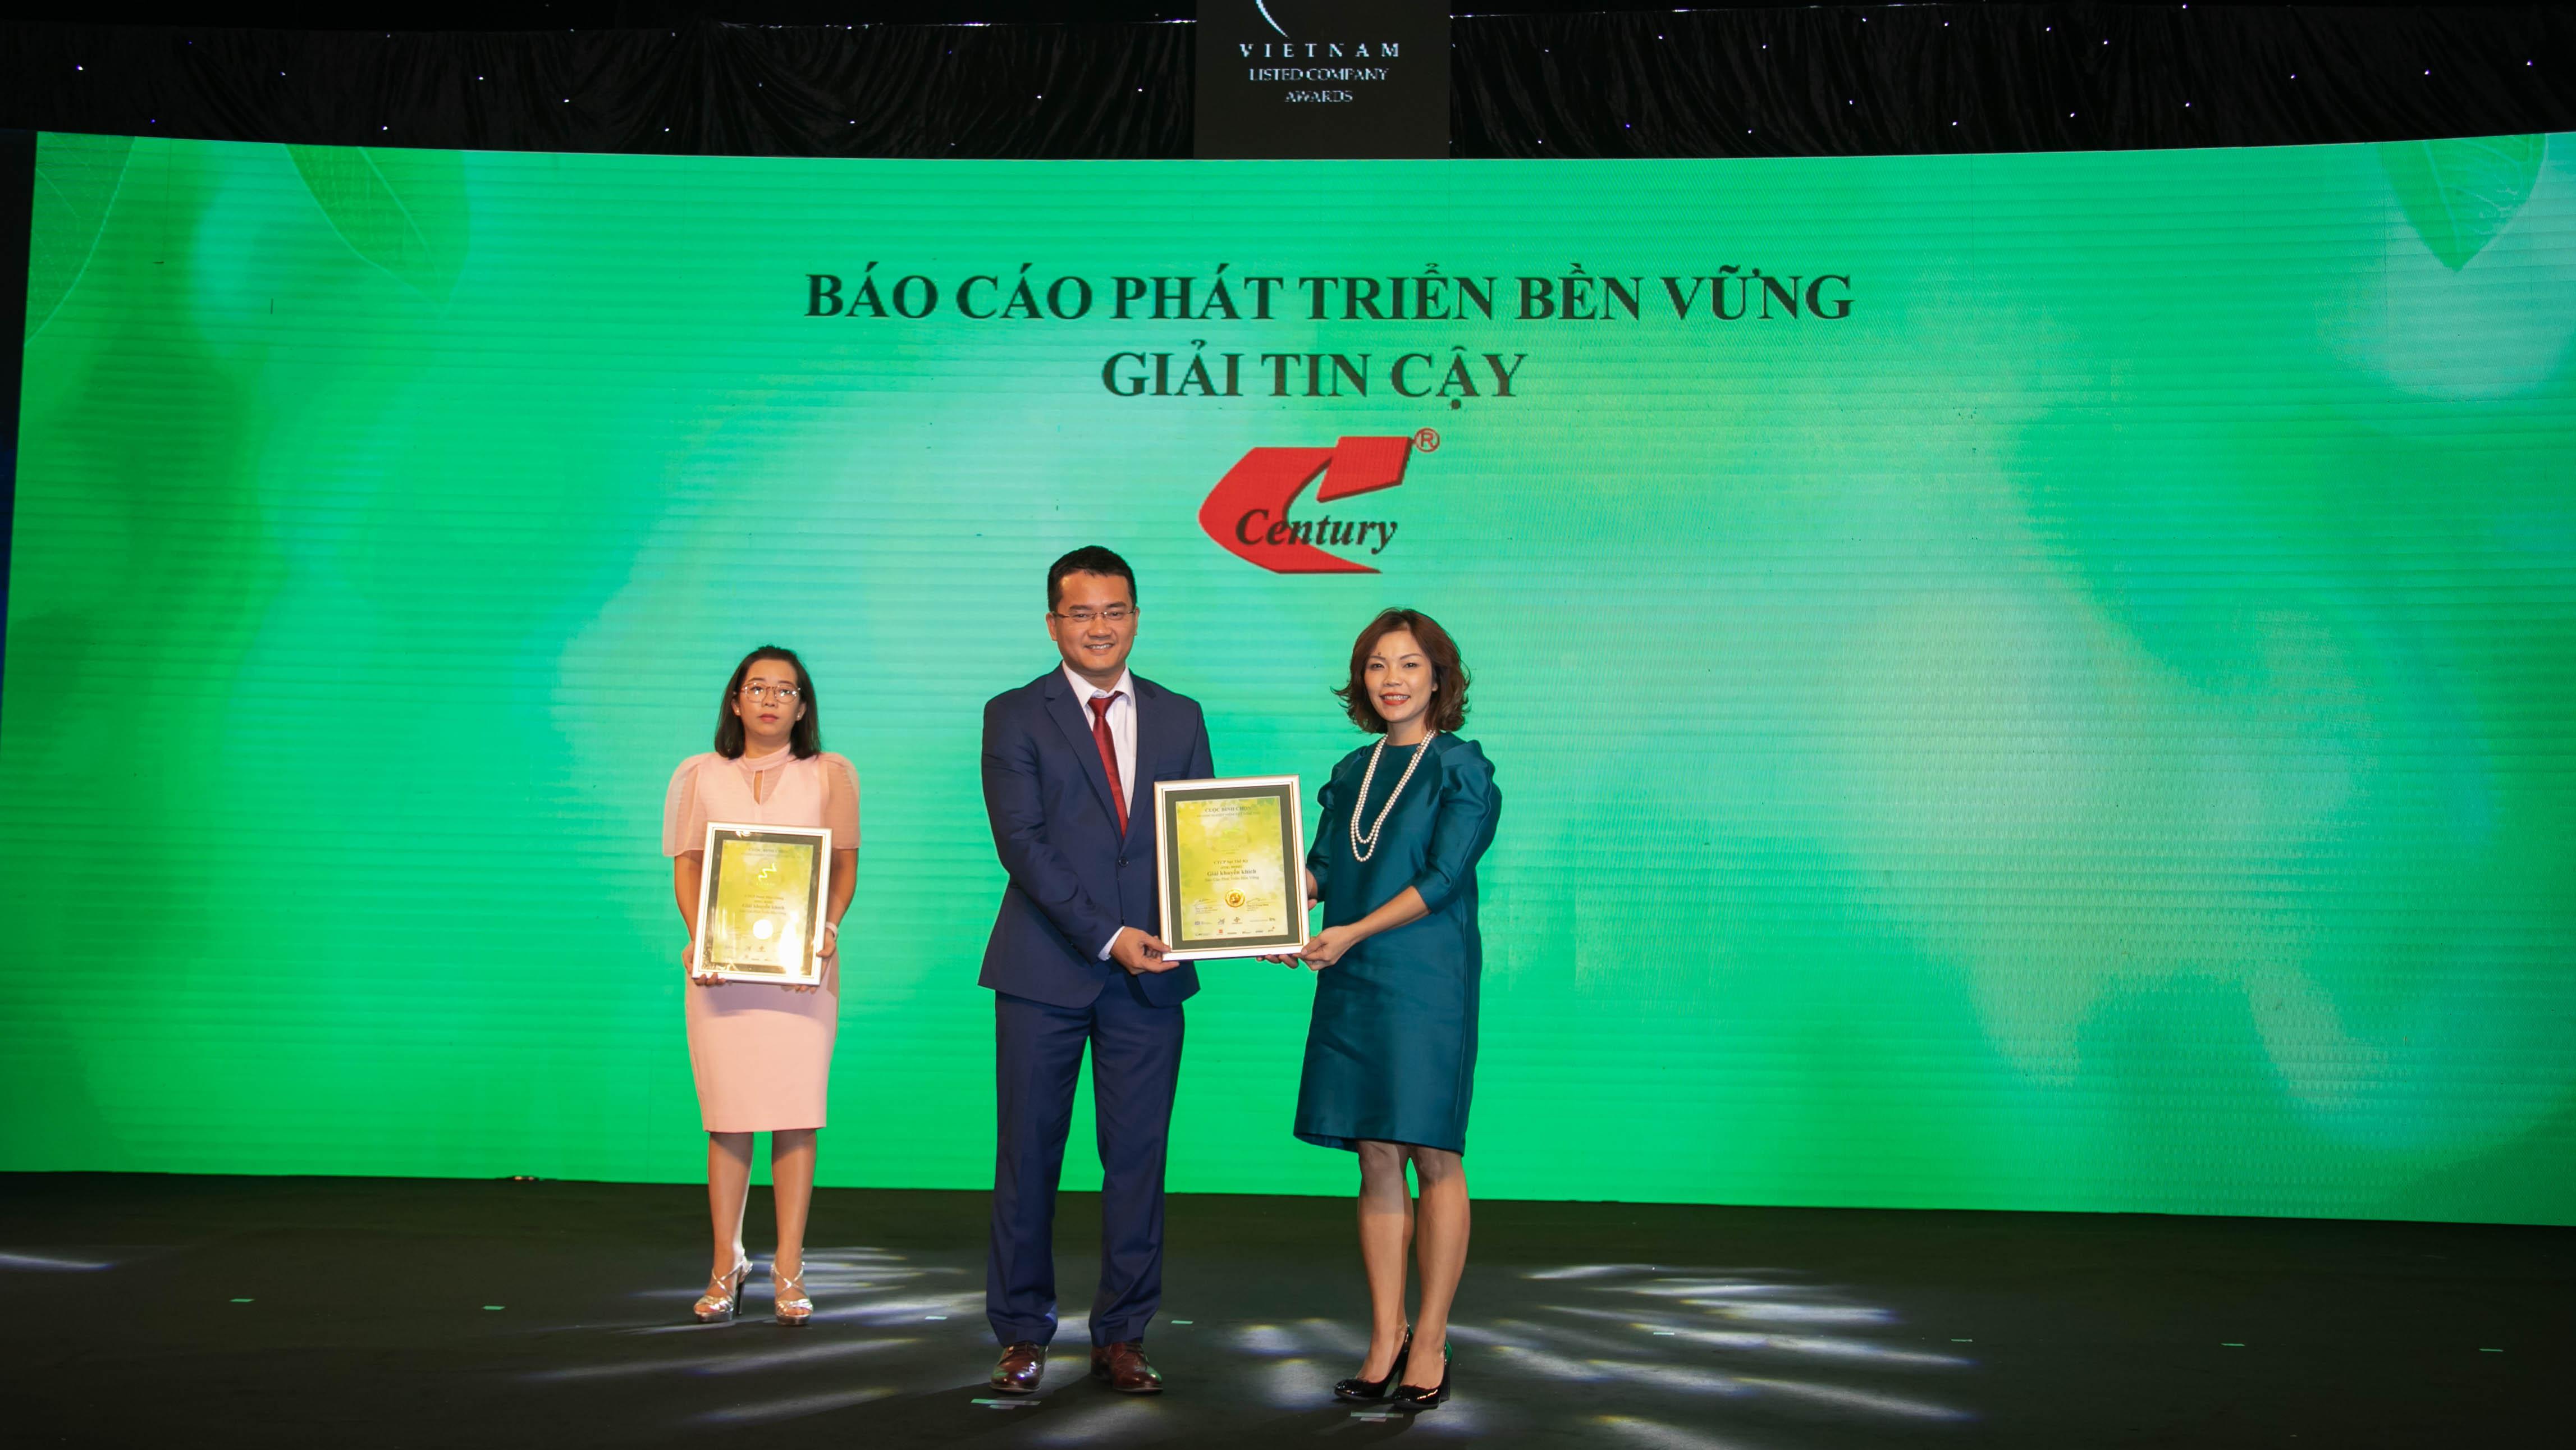 https://www.aravietnam.vn/wp-content/uploads/2020/12/IMG_8807.jpg